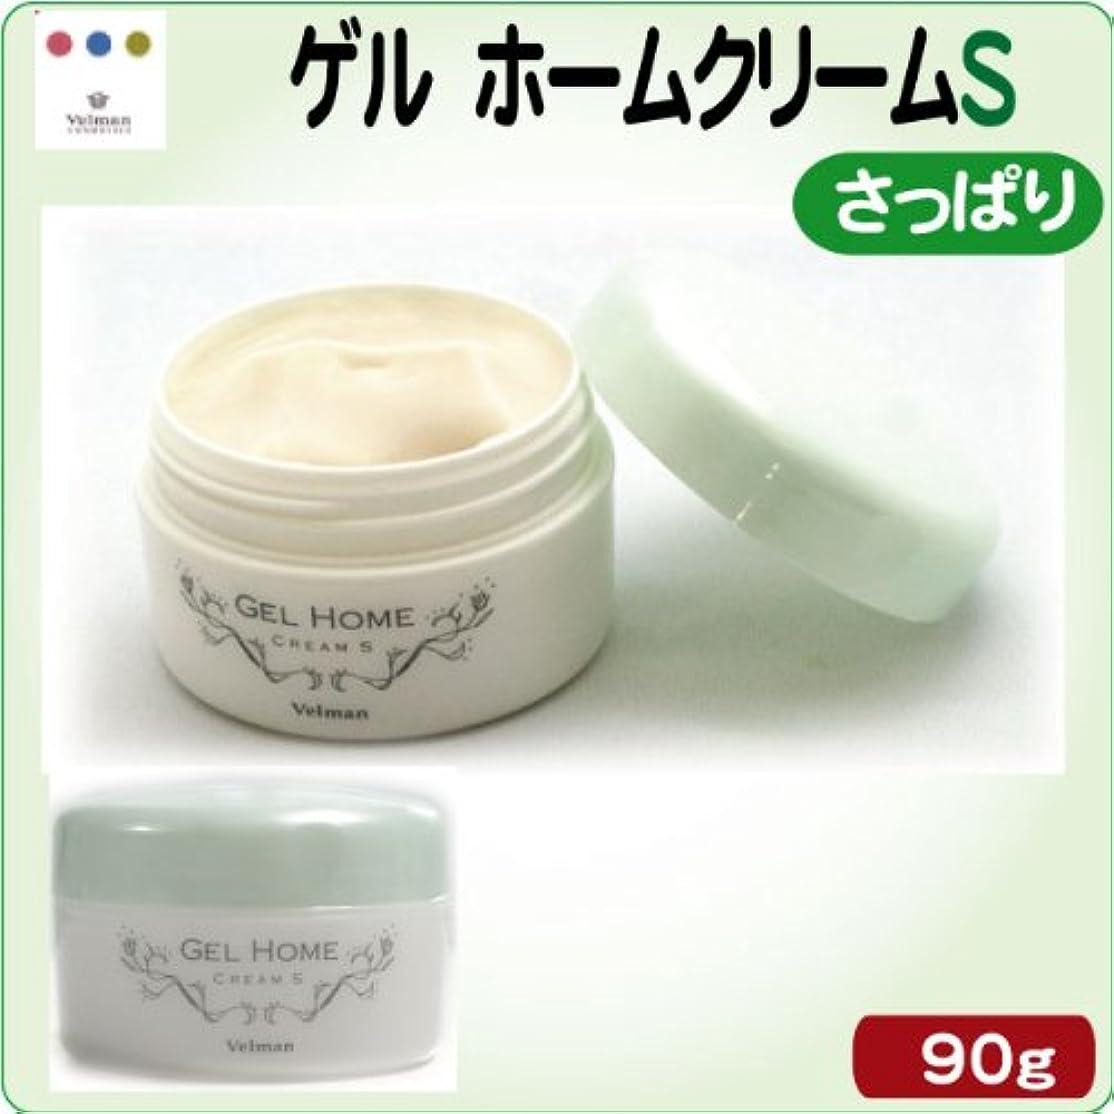 究極のベリよろしくベルマン化粧品 NONLOOSE ゲルホームクリームS 【さっぱりタイプ】 90g